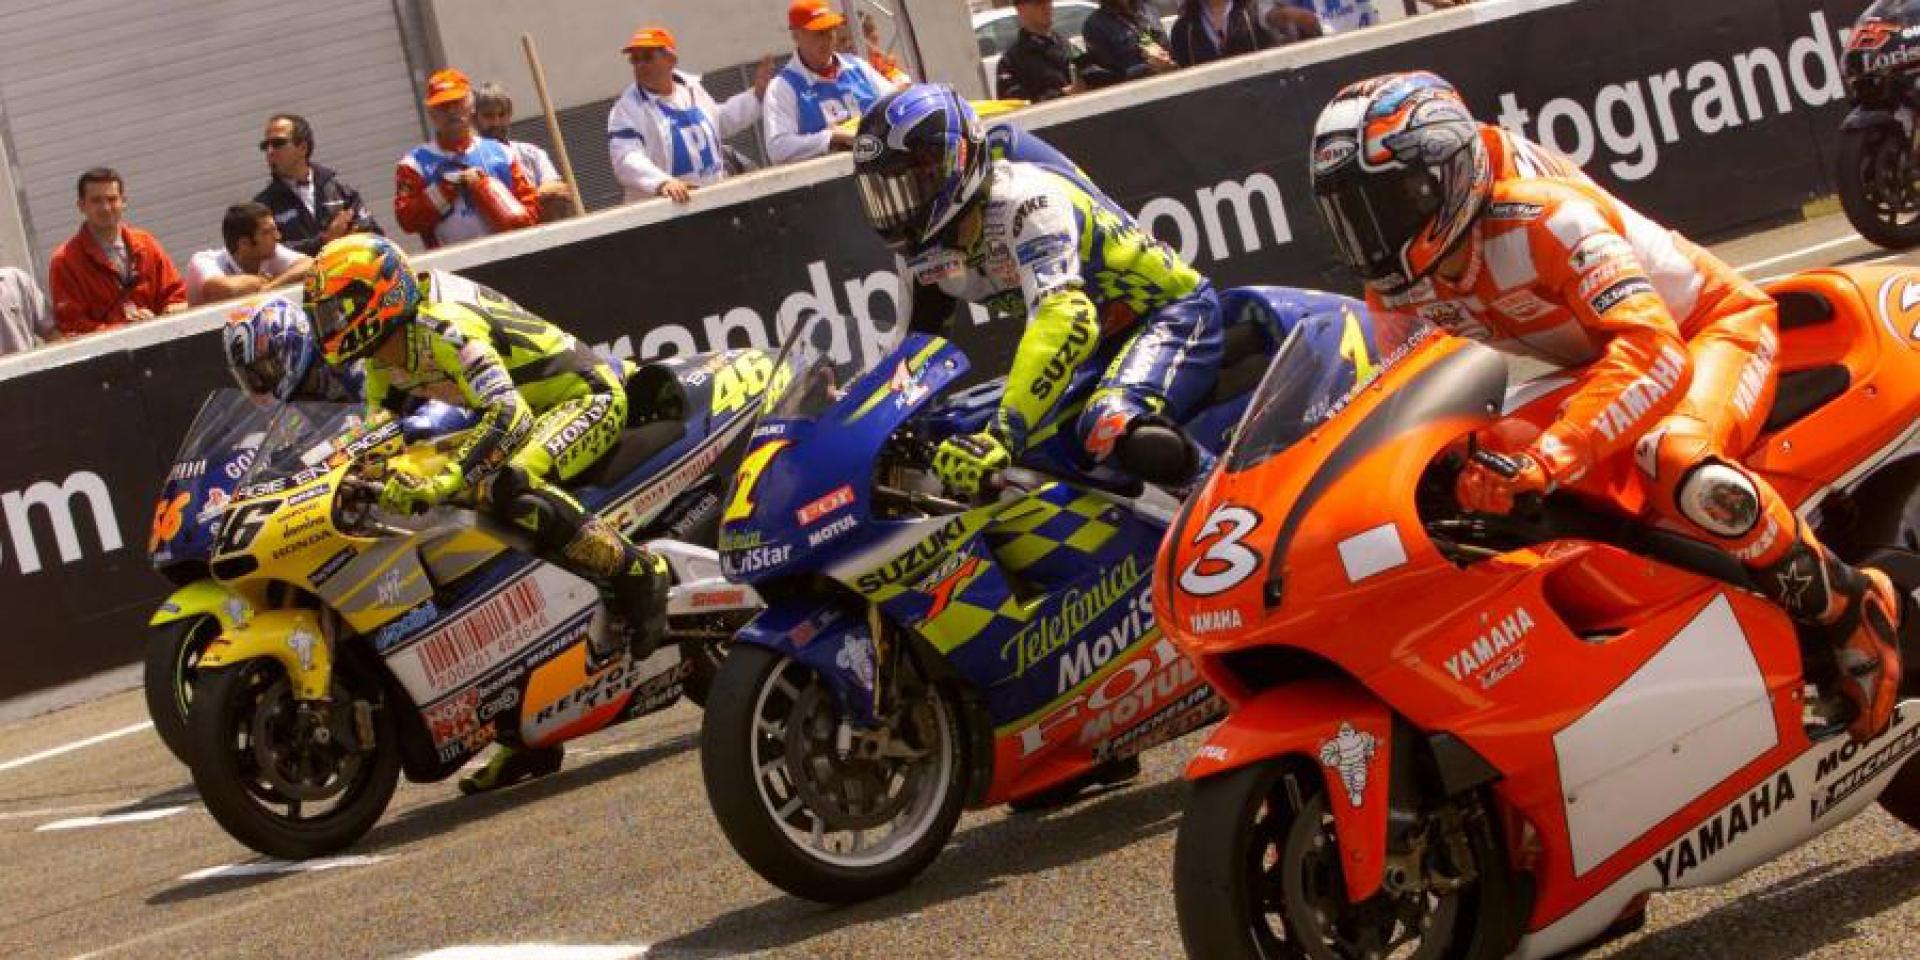 二行程復活?!「蓖麻油芬香」有望重現F1賽場,MotoGP有可能跟進嗎?